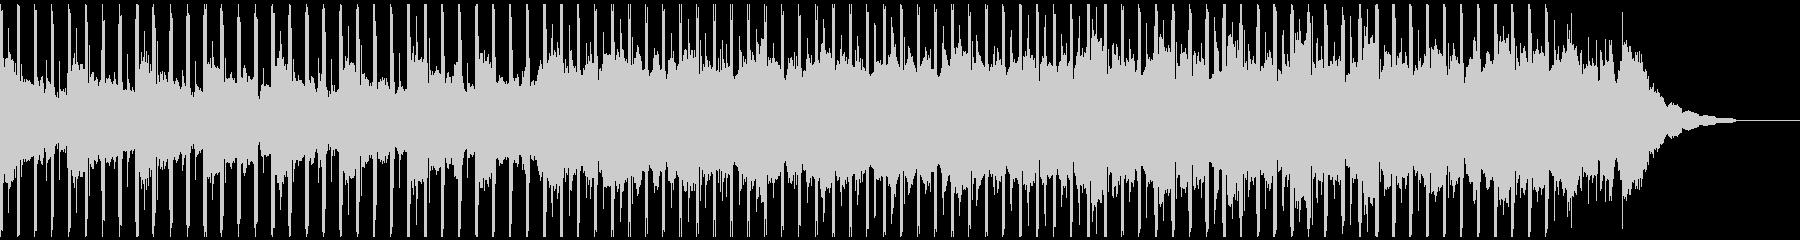 チュートリアル(50秒)の未再生の波形